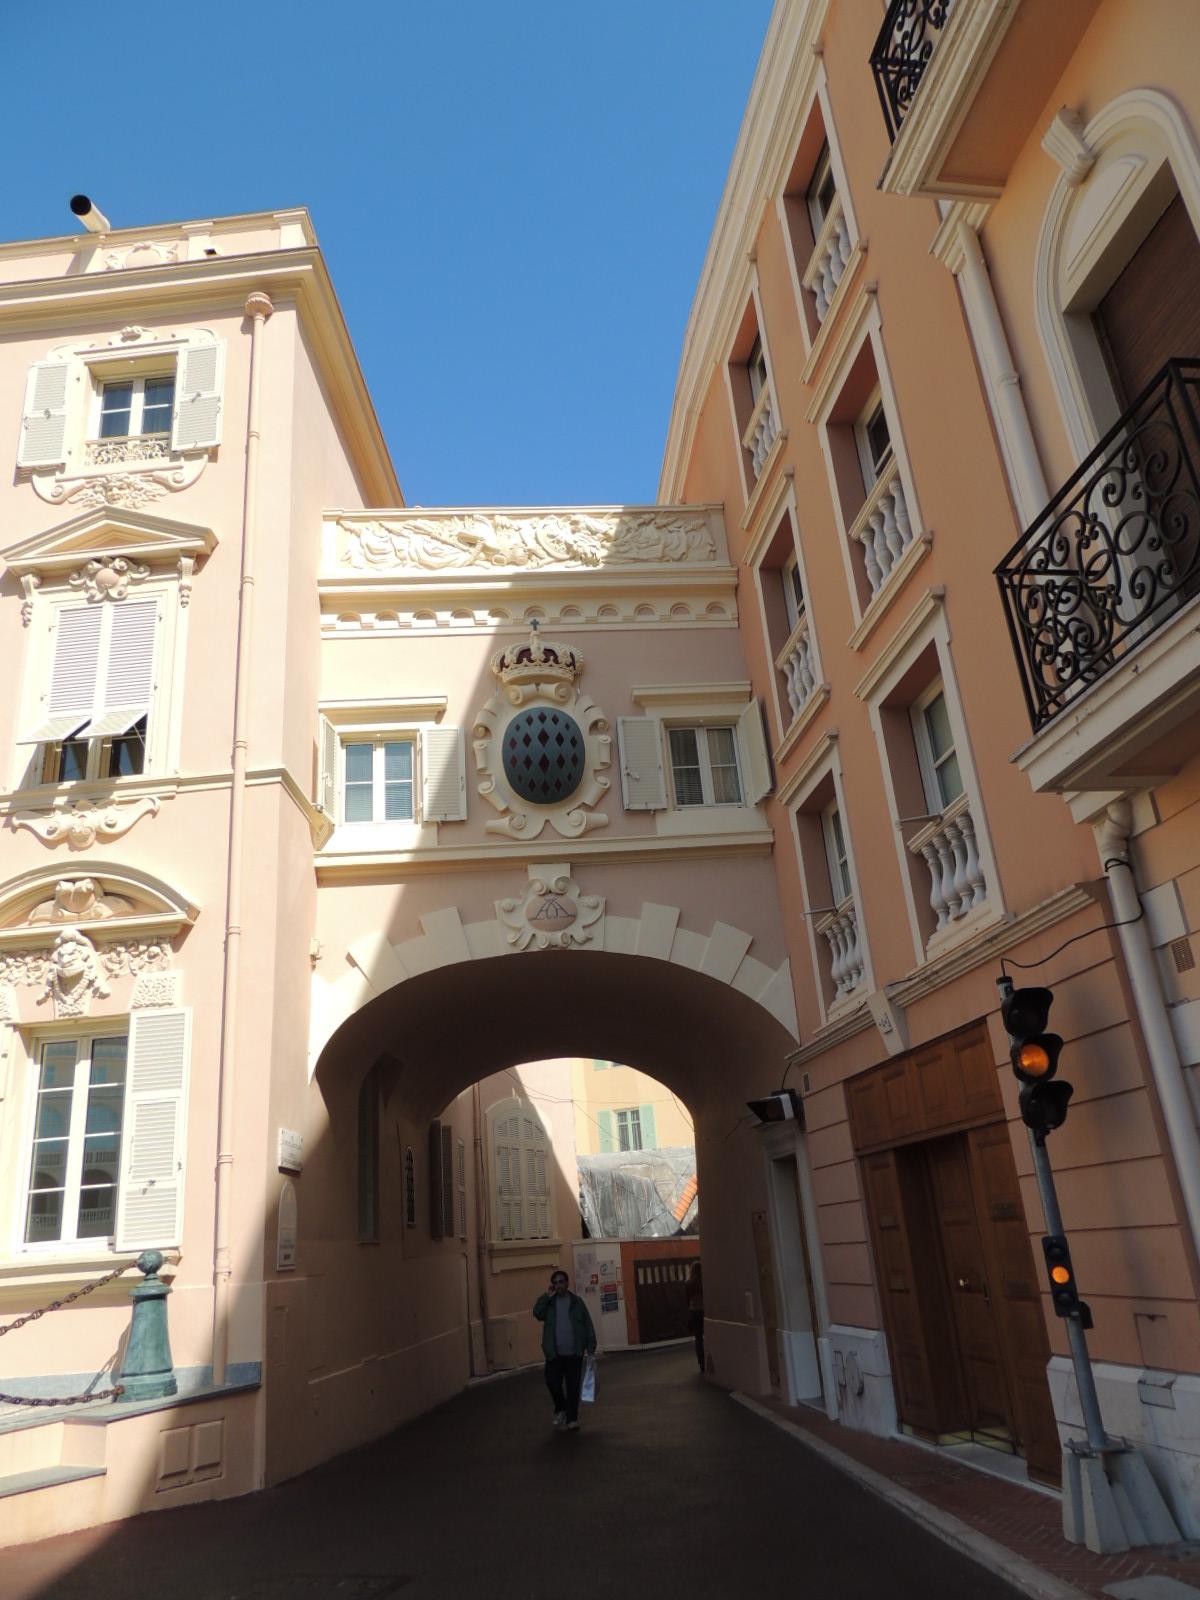 Княжеский дворец в Монако, фрагмент